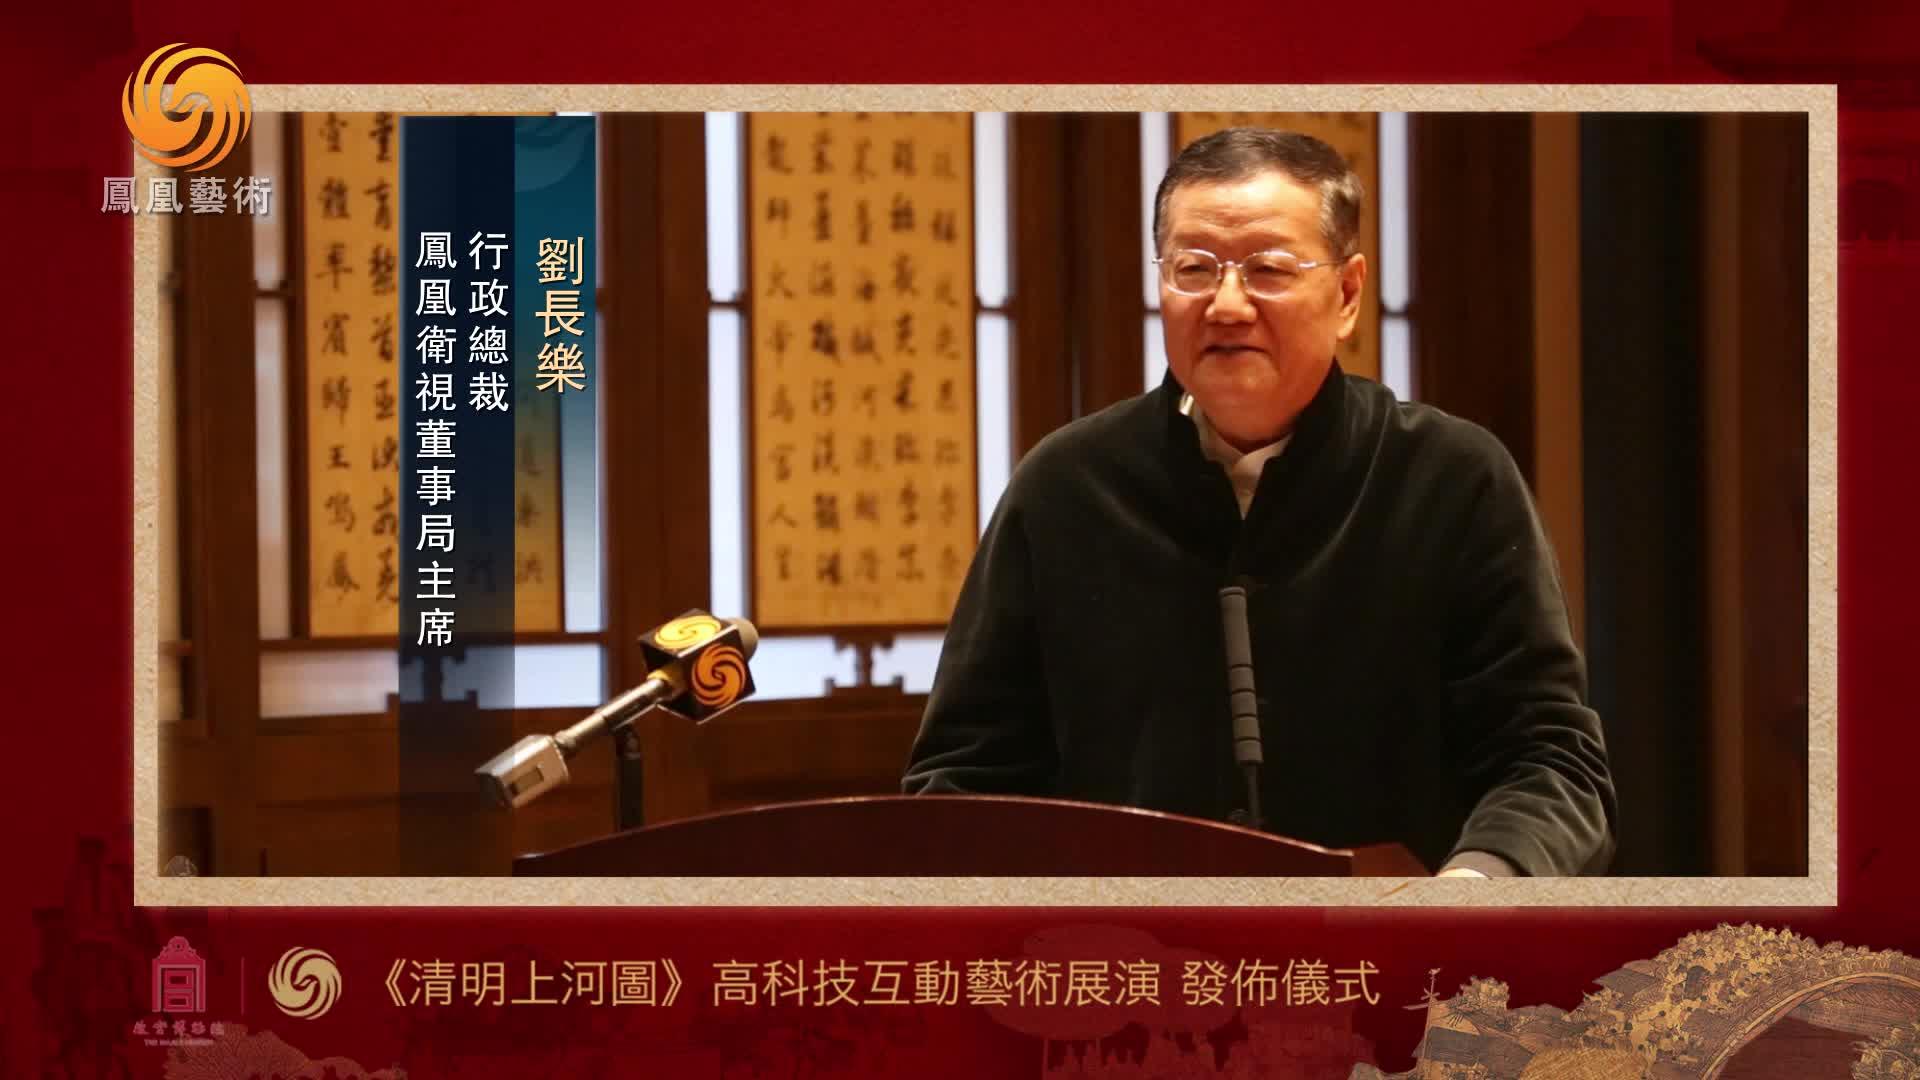 刘长乐:将移动的《清明上河图》传播世界